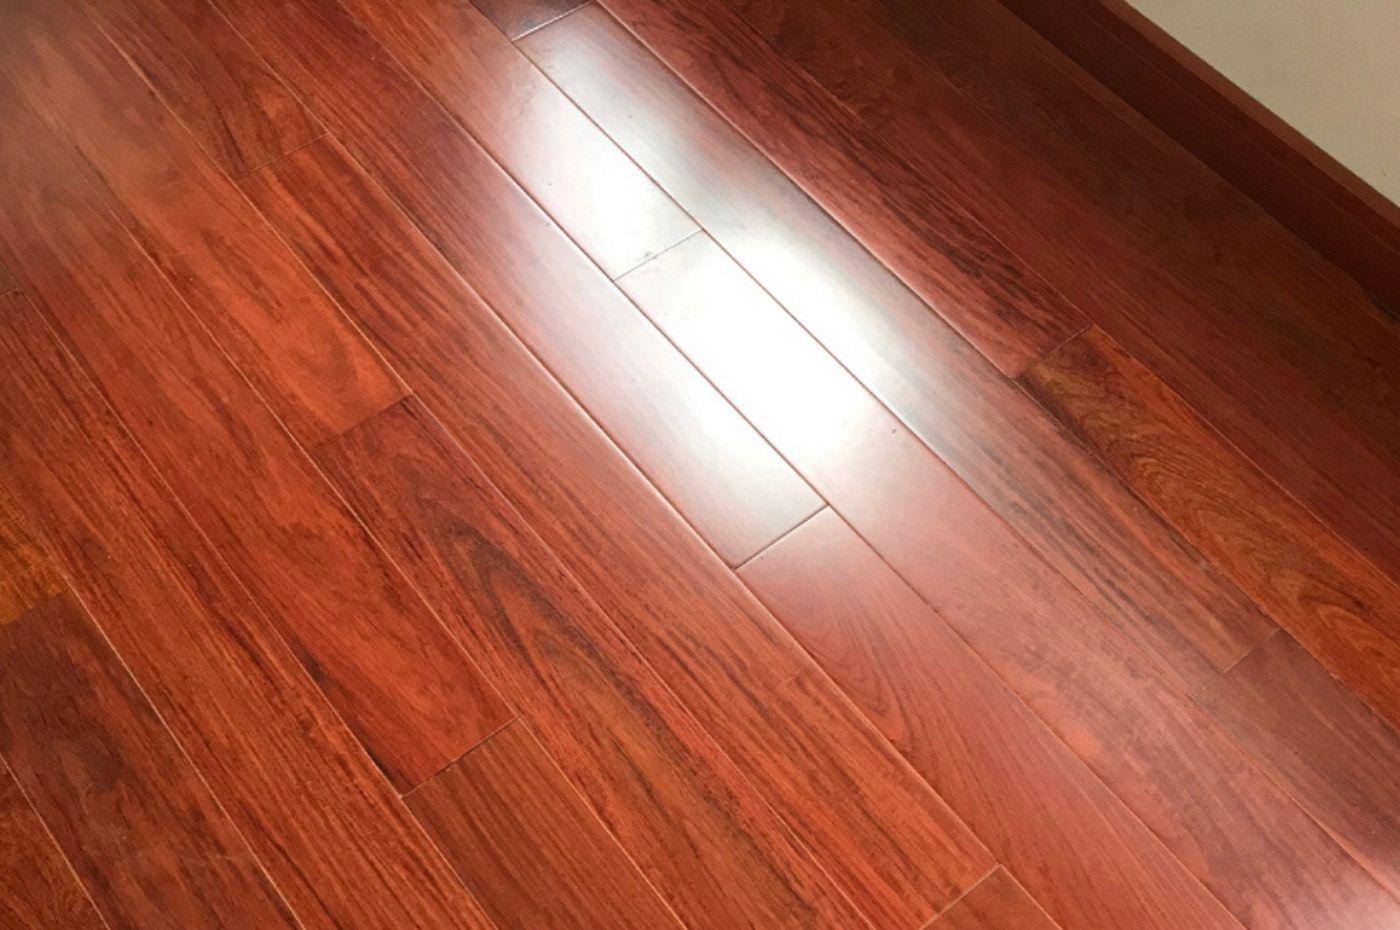 Các loại sàn gỗ hương đặc biệt là sàn gỗ hương lào có tốt không?   TRƯỜNG THẮNG